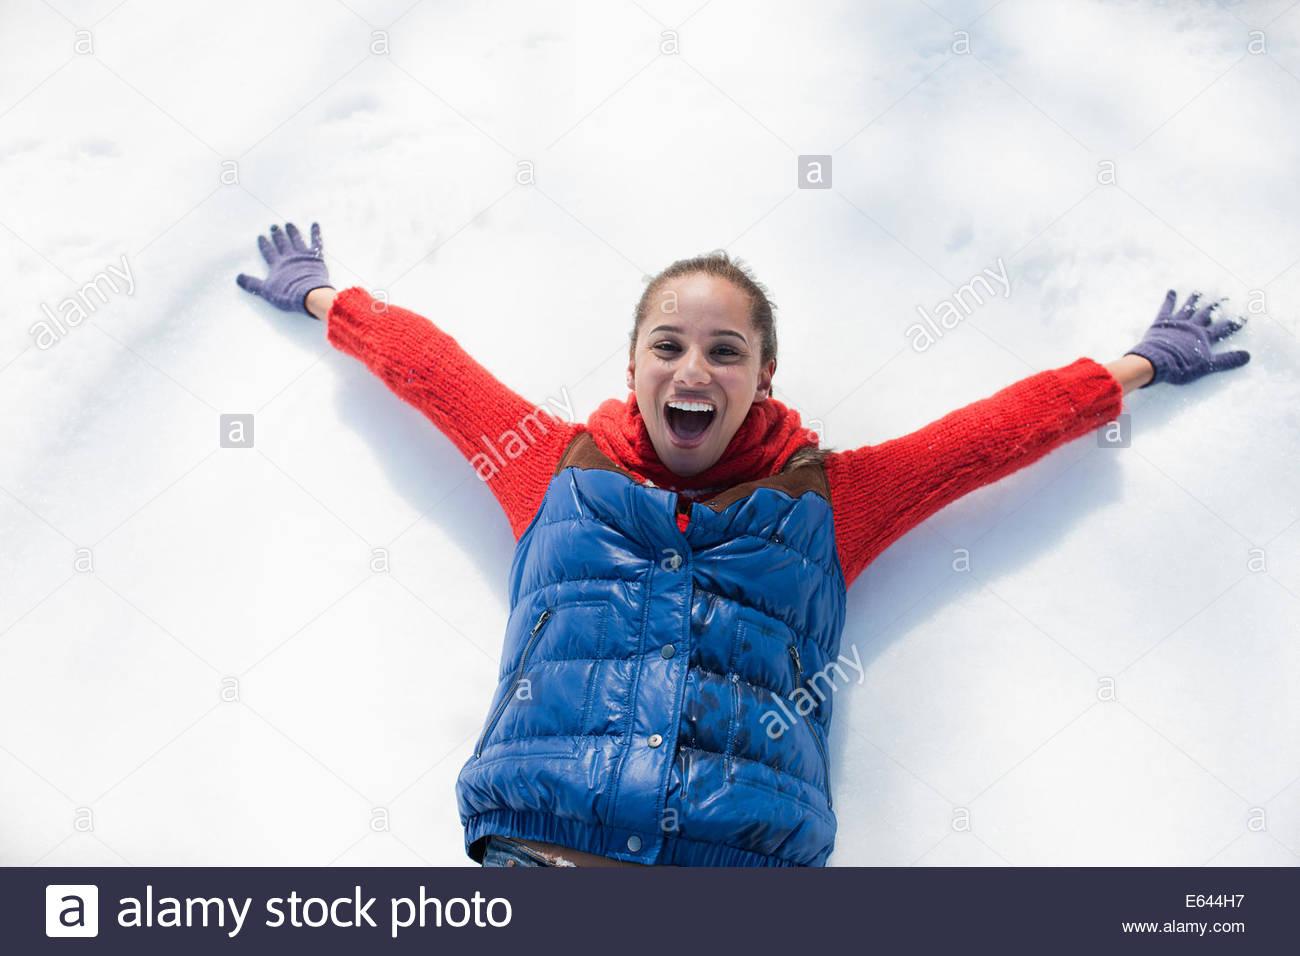 Mujer sonriente haciendo ángeles de nieve Imagen De Stock